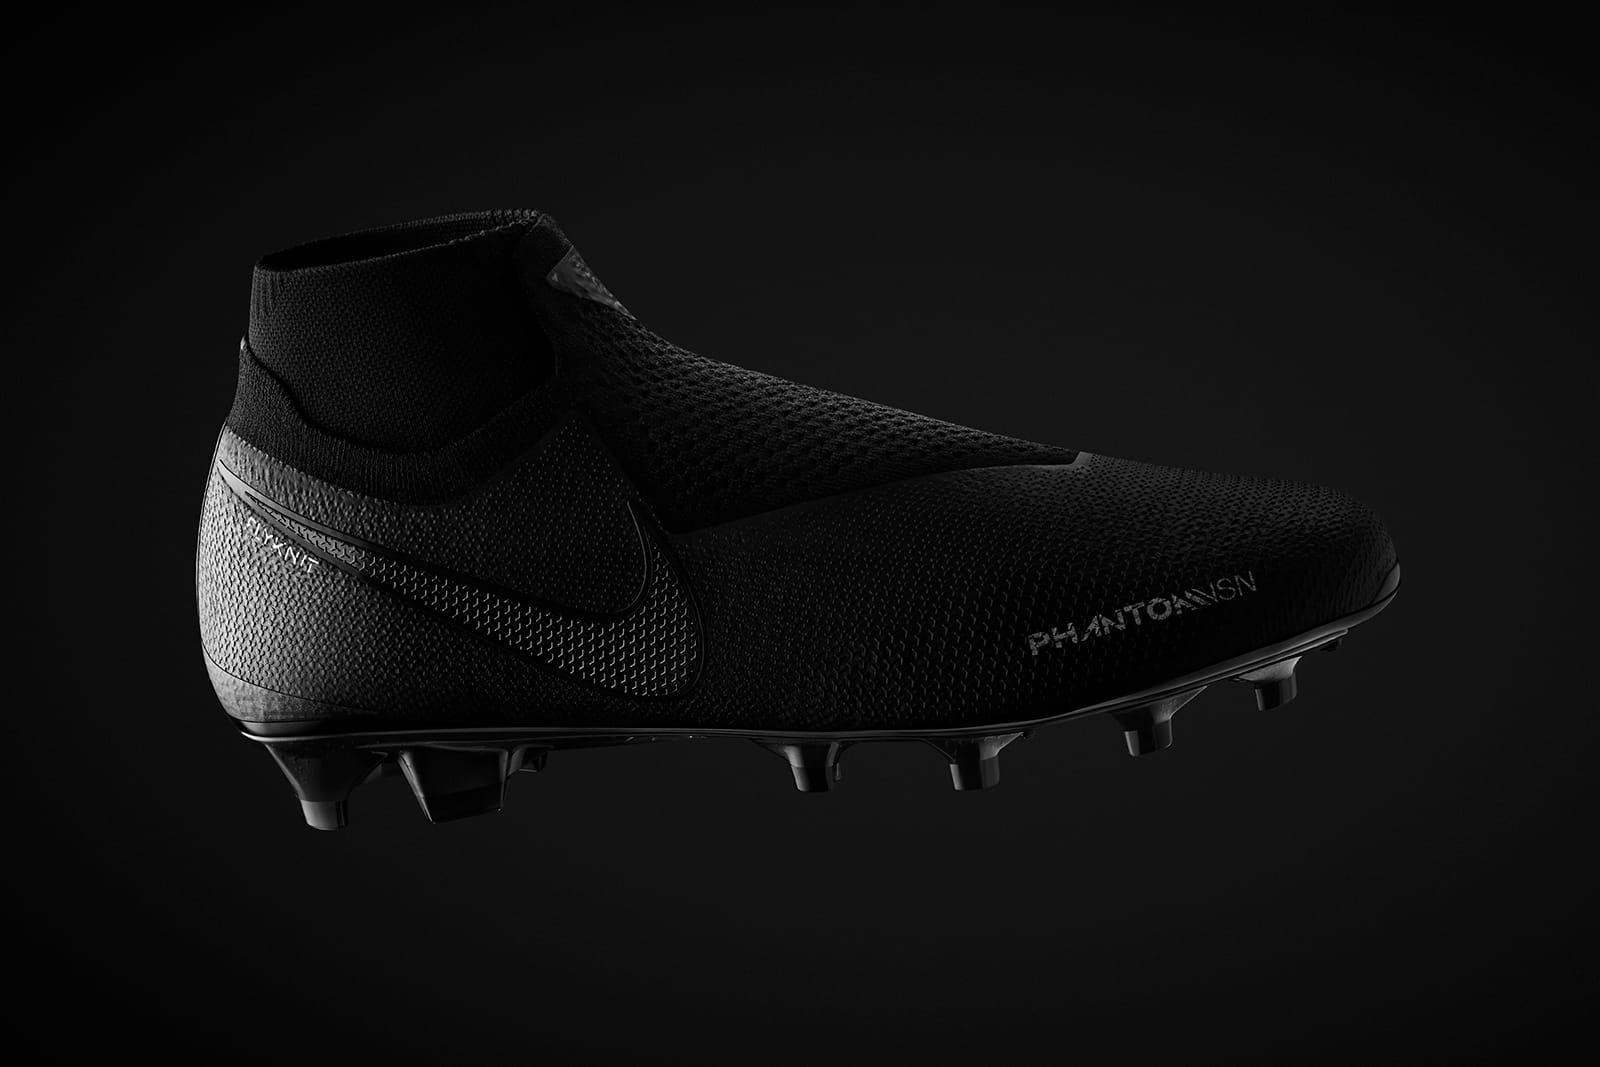 PhantomVSN Football Boots